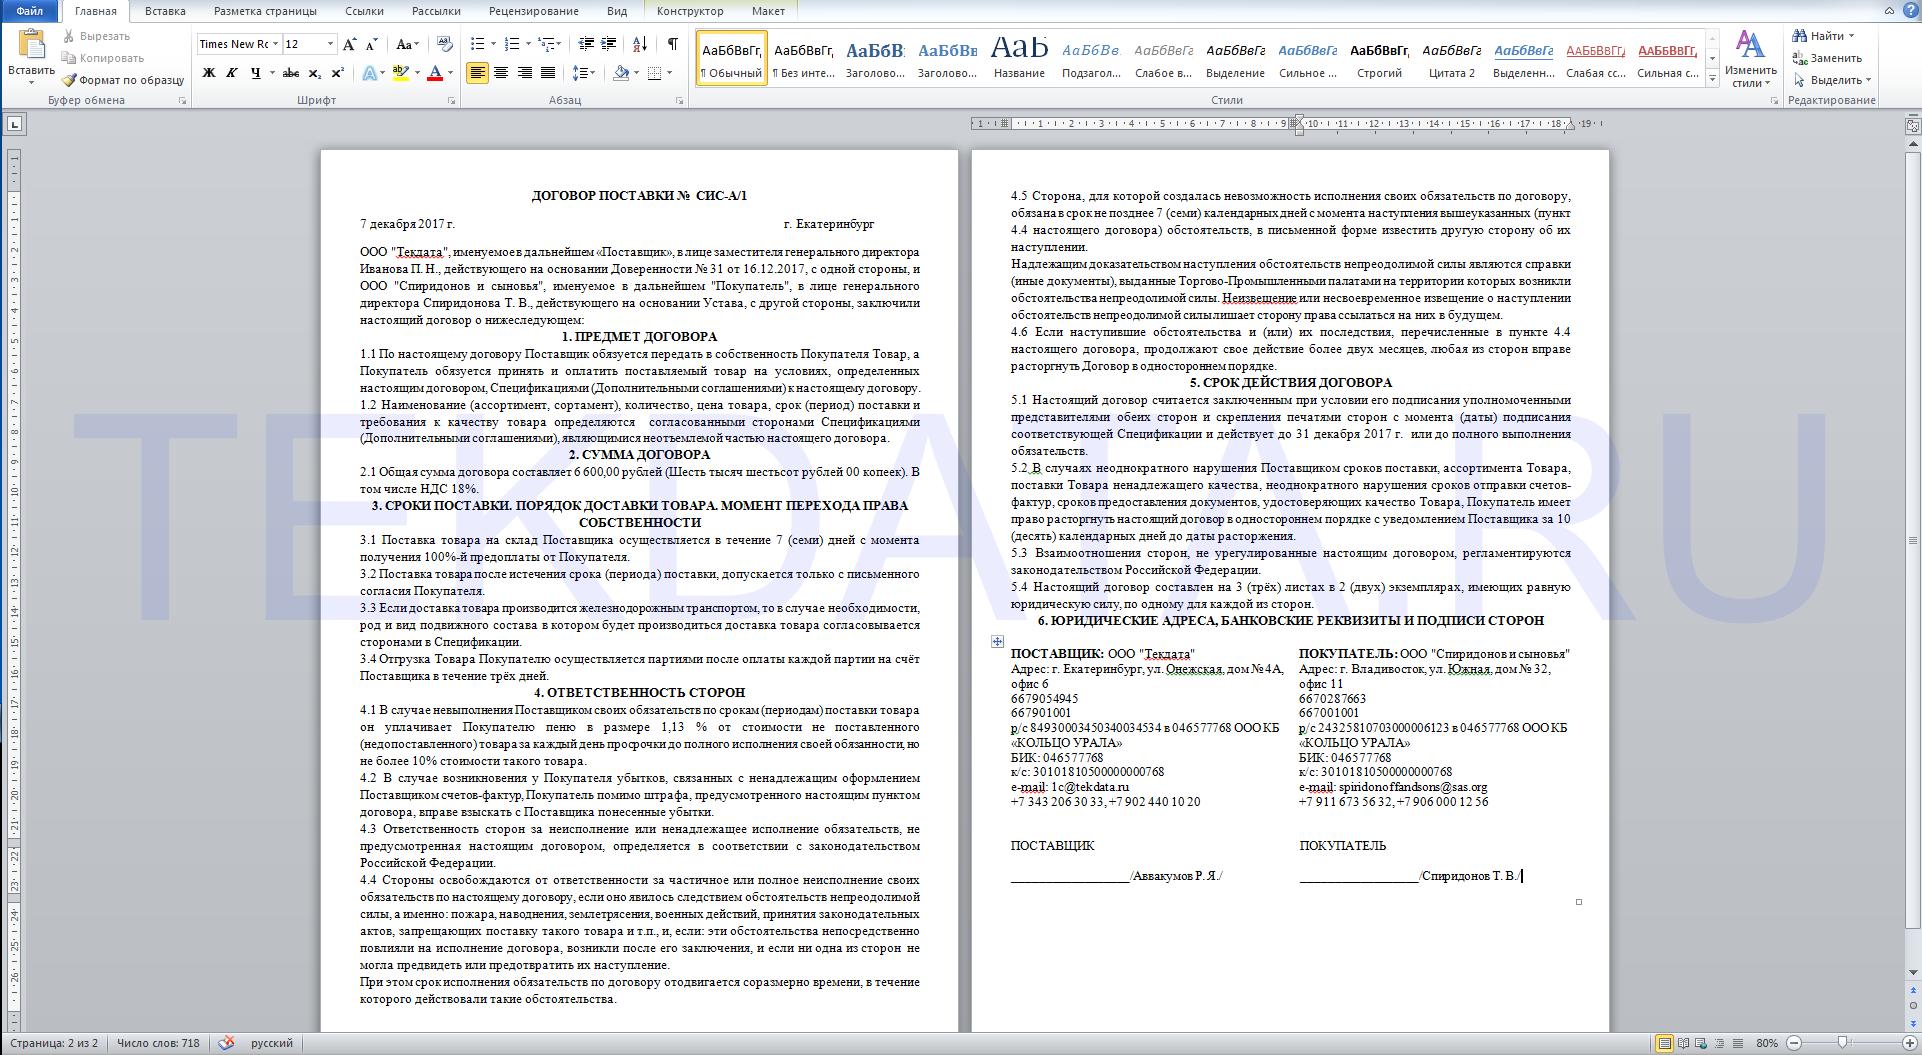 Универсальная печатная форма договора в формате Word с выводом доп. реквизитов для 1С:УНФ 1.6